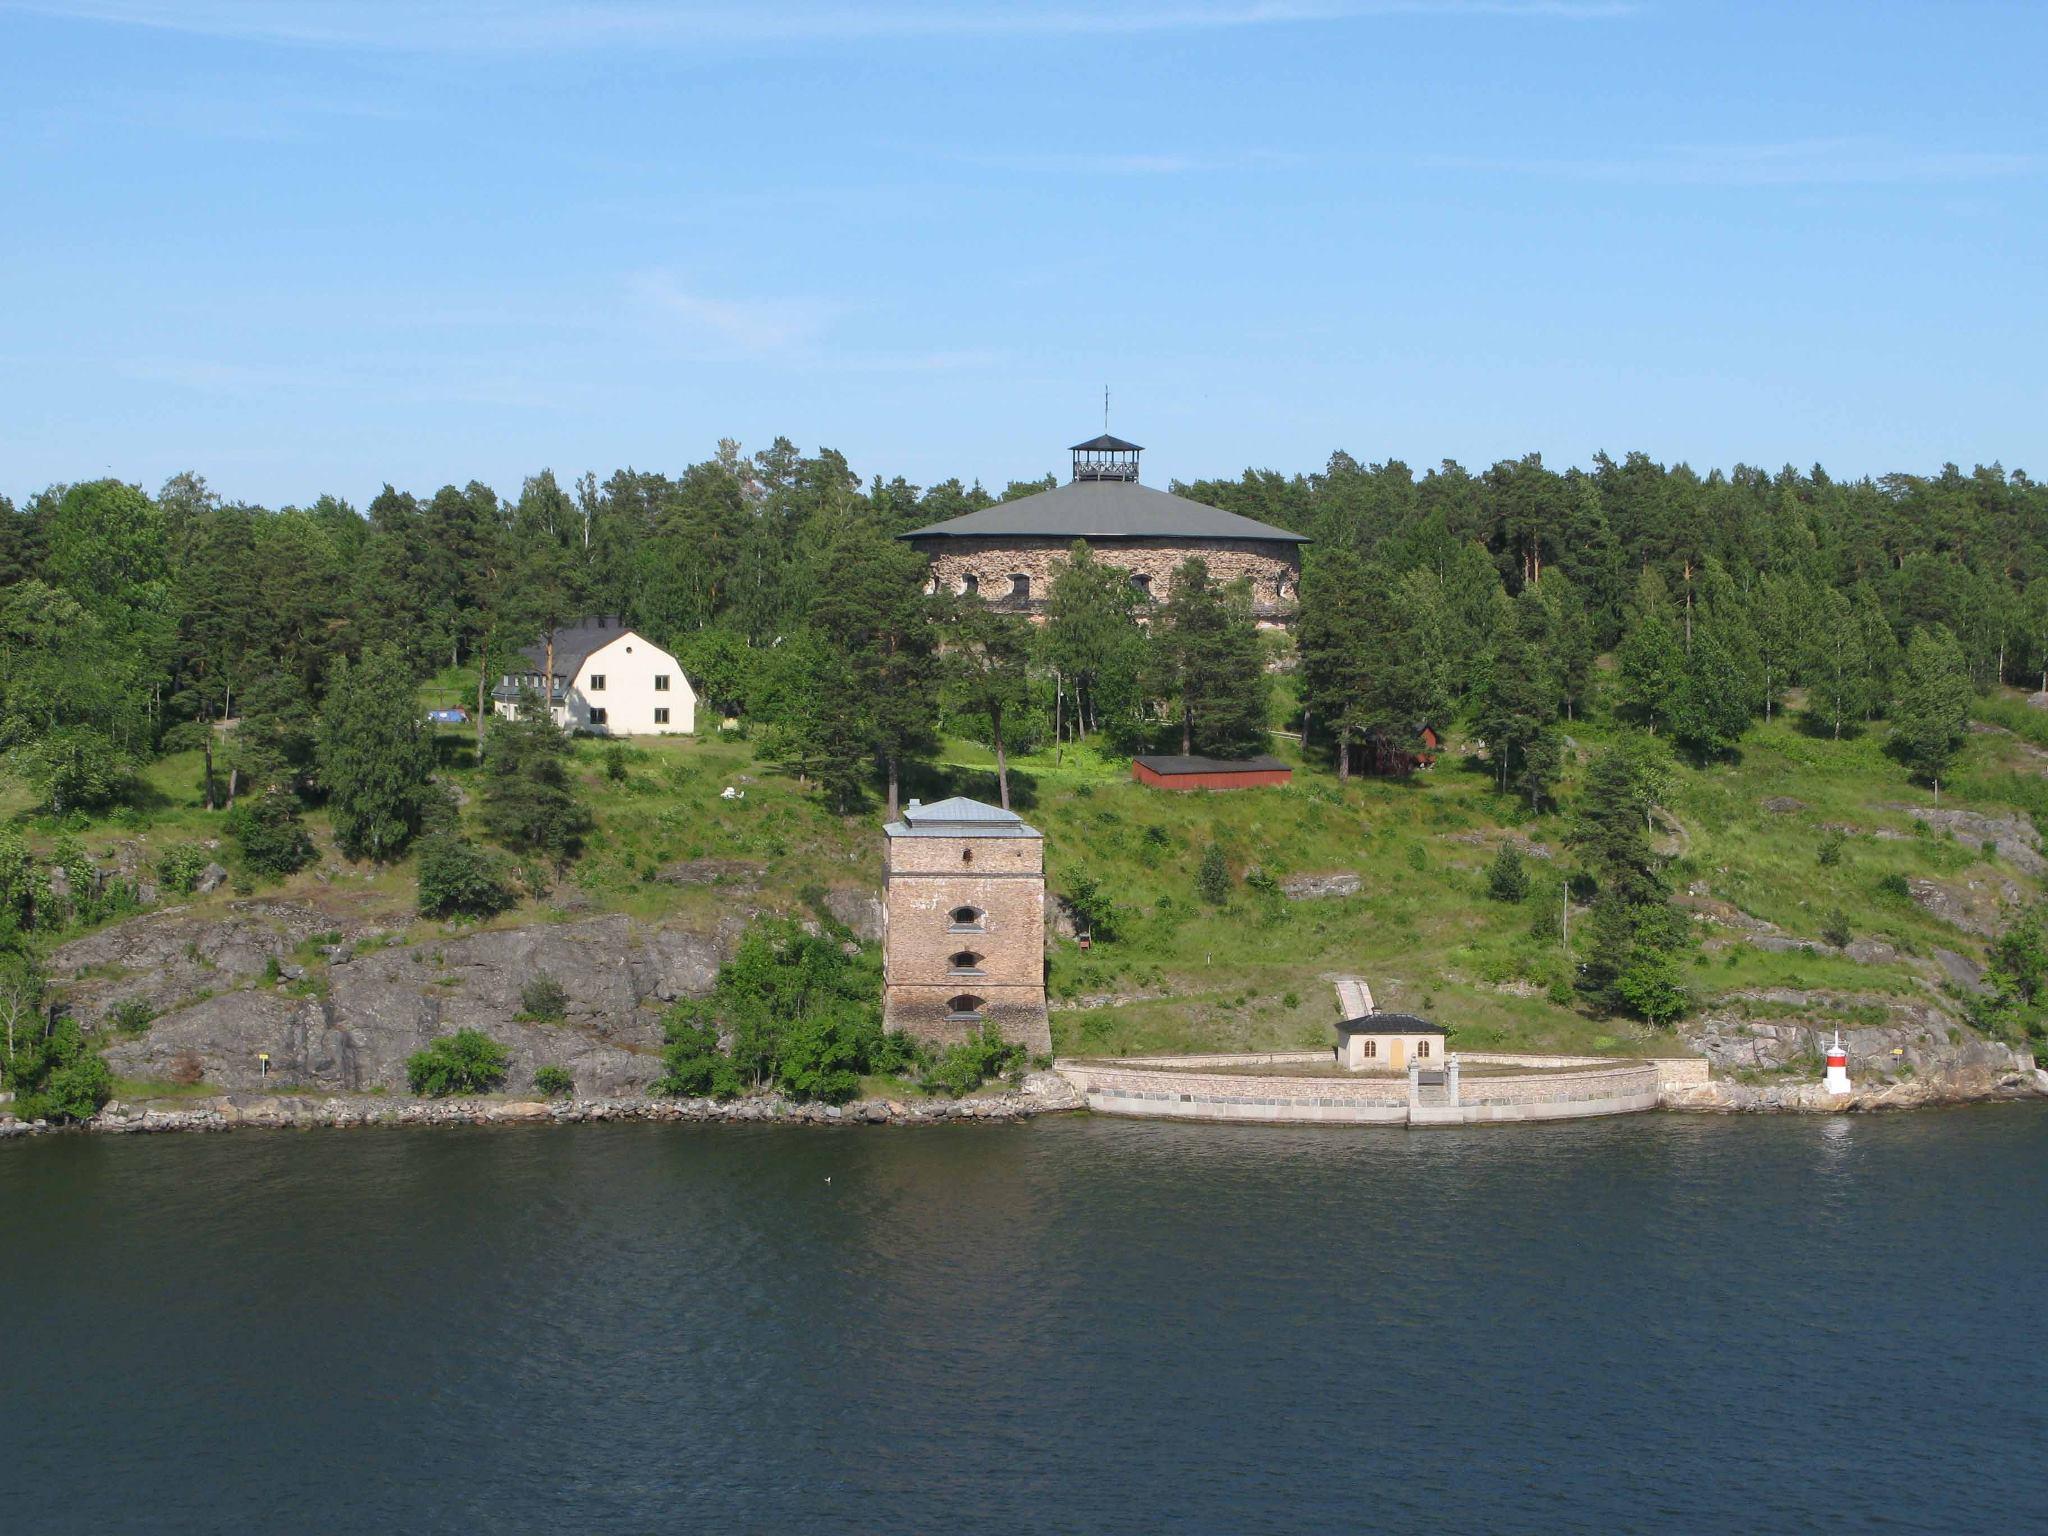 fredriksborgs fästning med gamla stenbyggnader och sjöutsikt